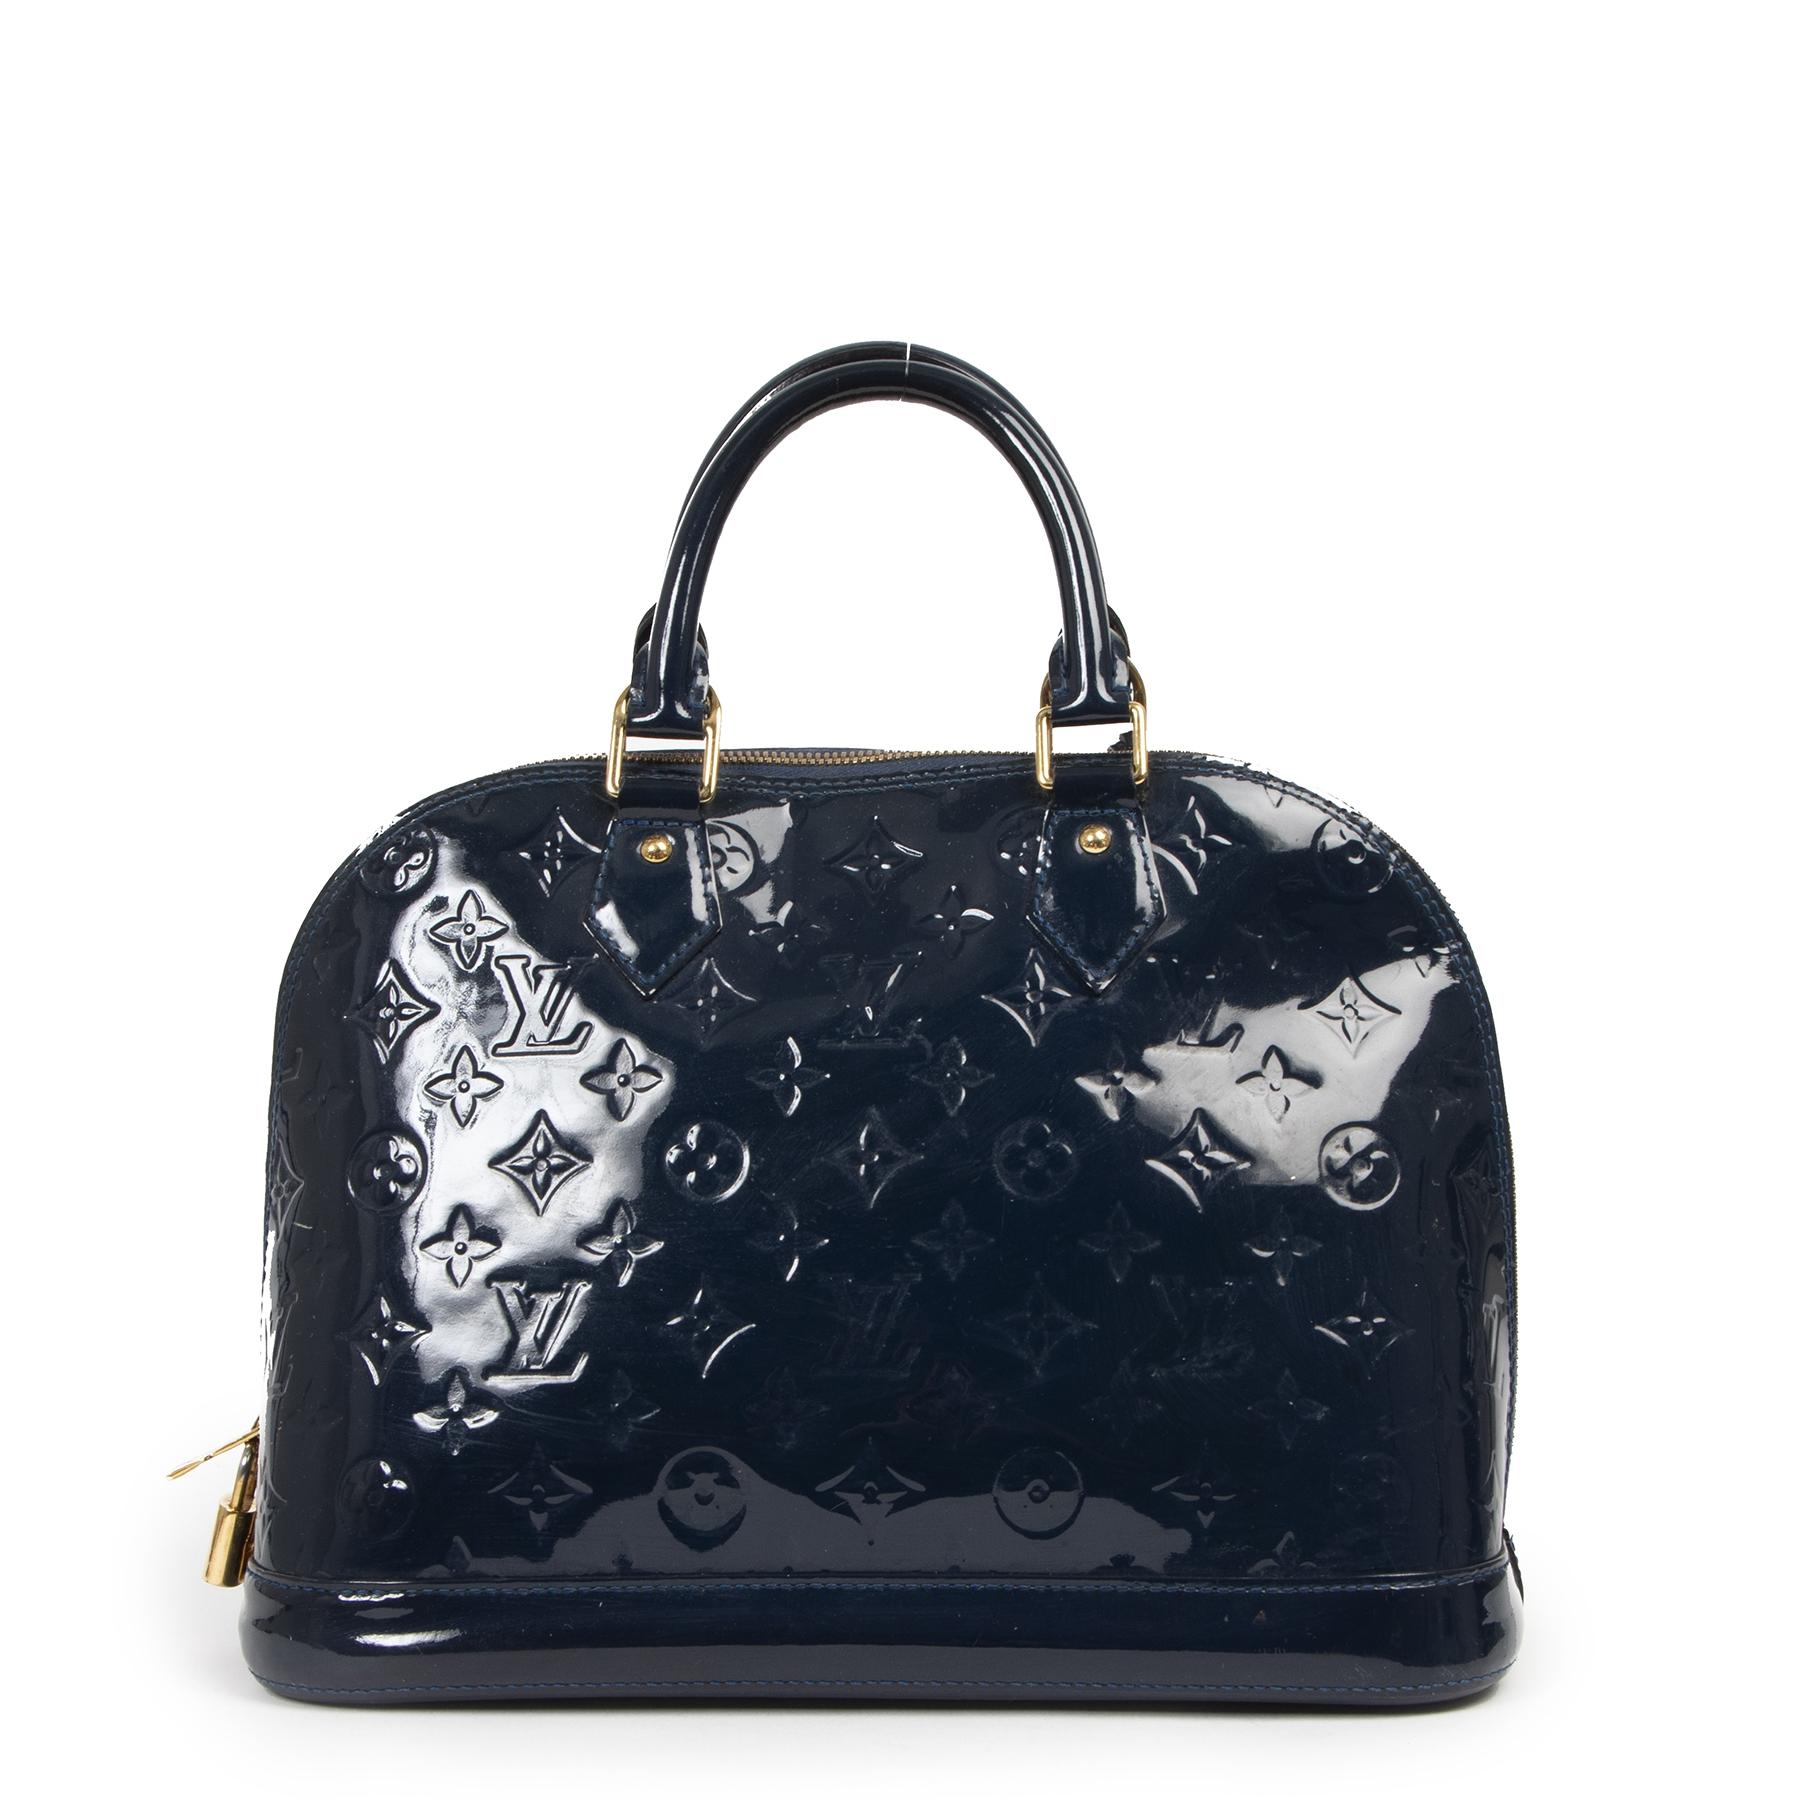 Authentieke Tweedehands Louis Vuitton Blue Vernis Alma PM juiste prijs veilig online shoppen luxe merken webshop winkelen Antwerpen België mode fashion